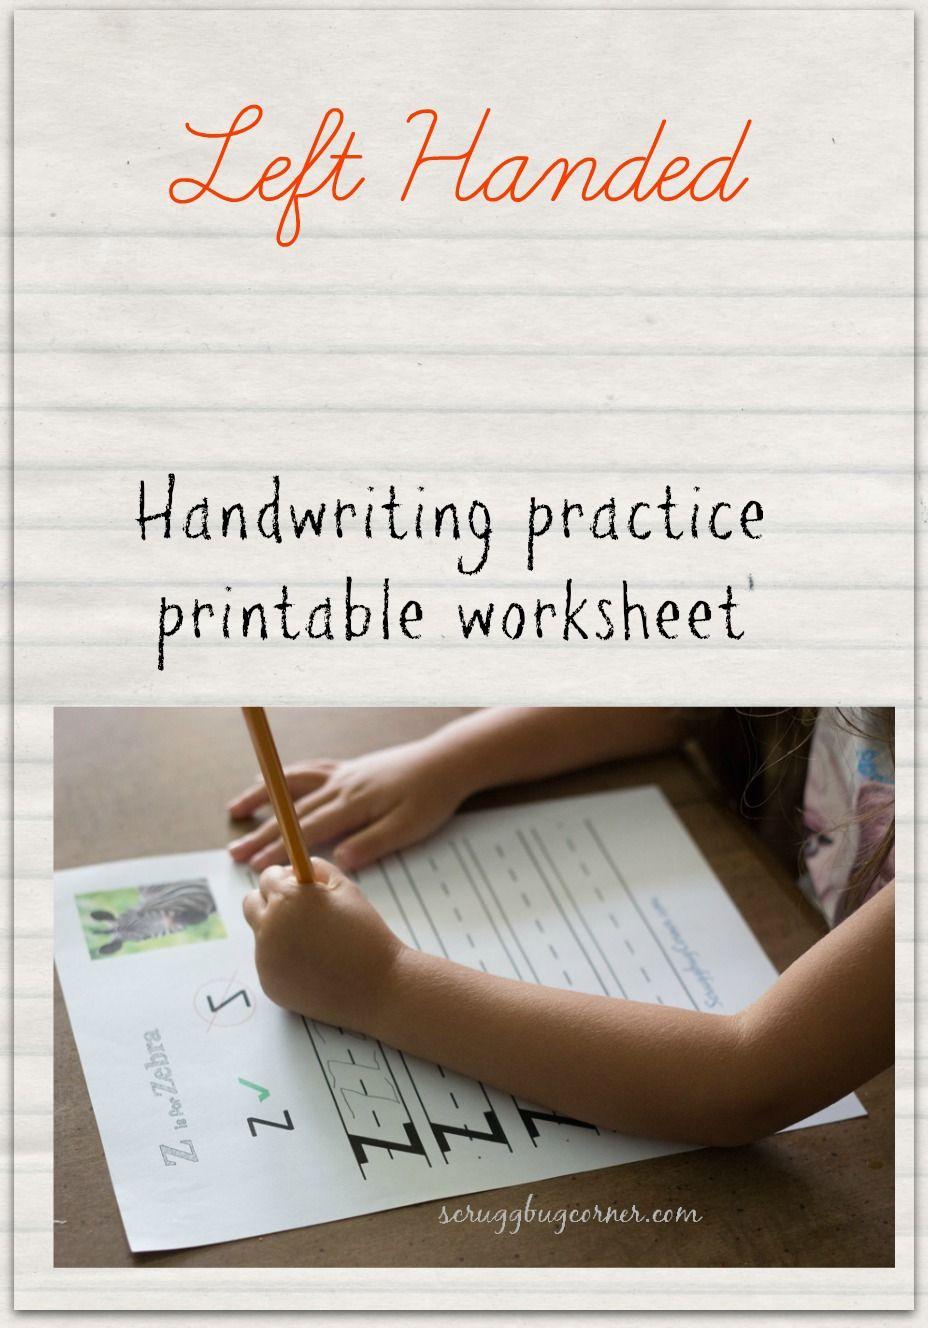 Left handed learning: Letter practice Worksheet Z | Scruggbug Corner